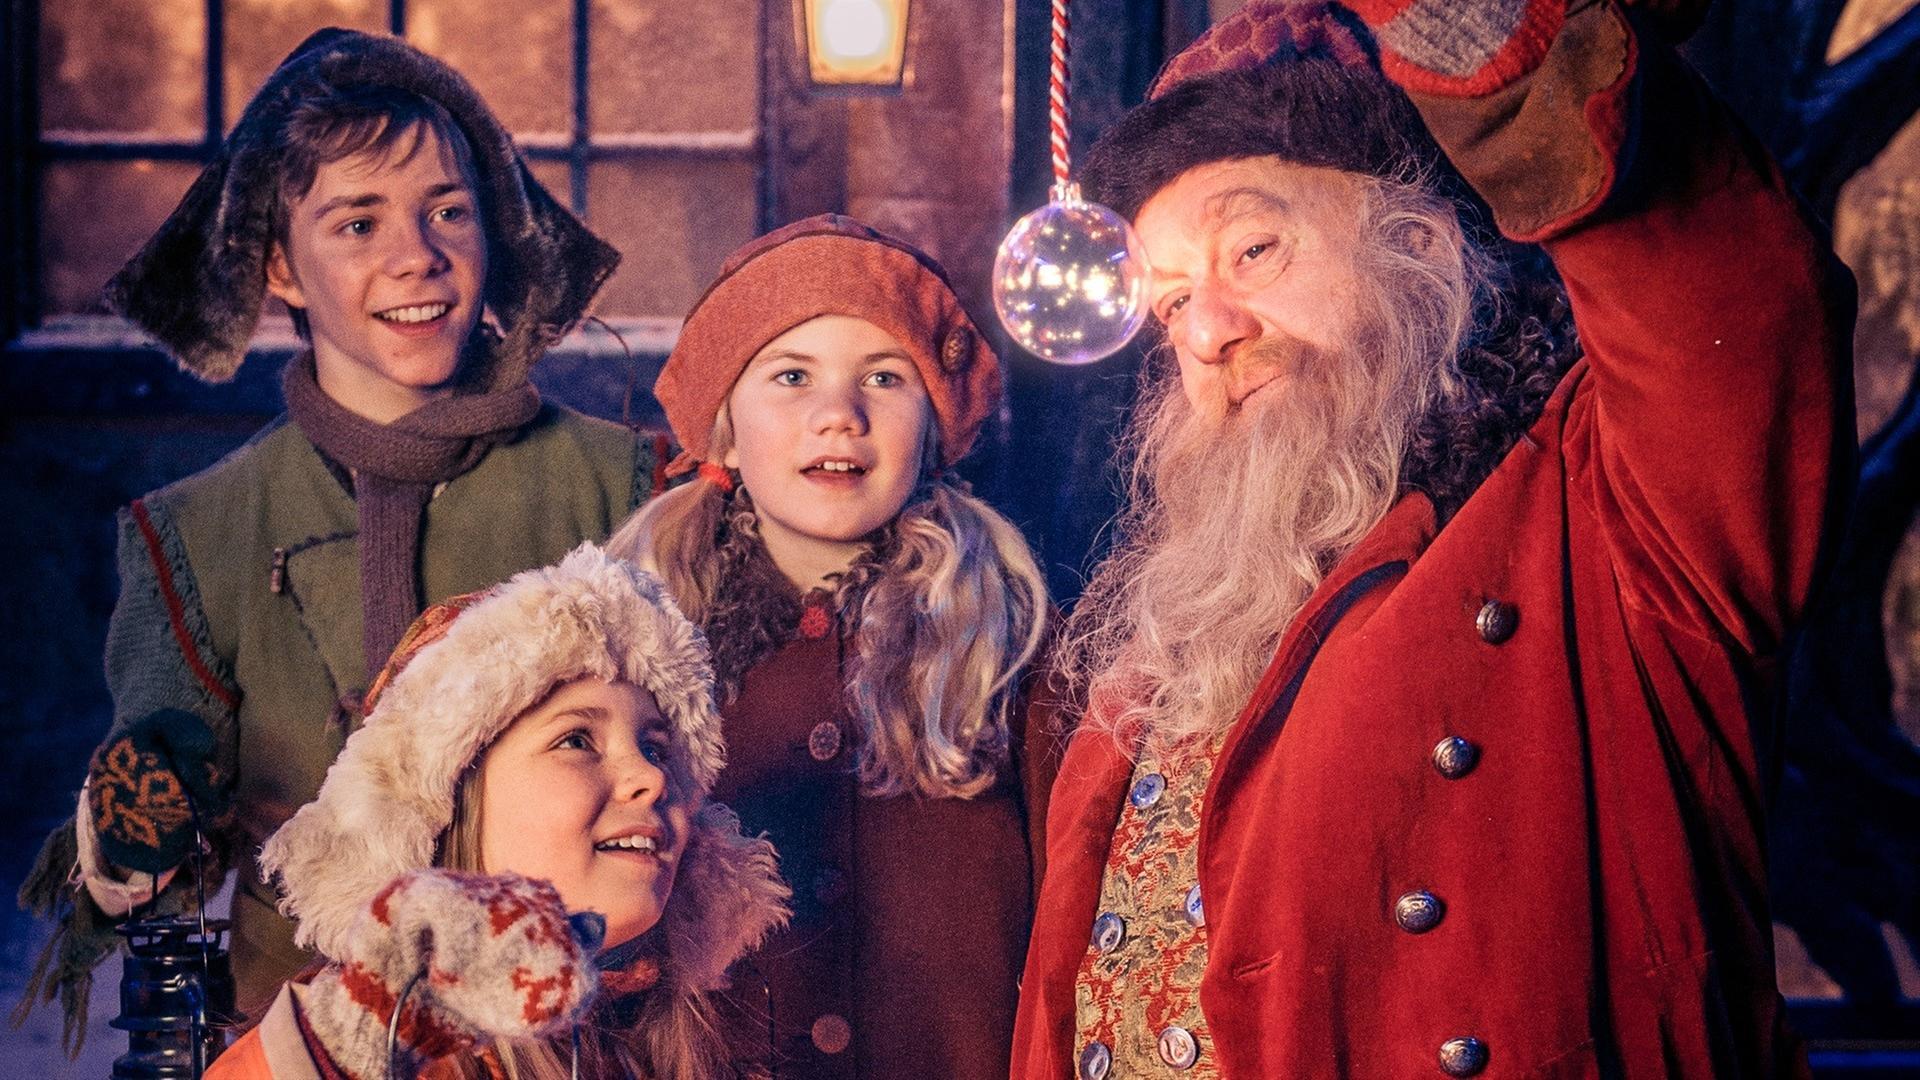 Schneewelt Eine Weihnachtsgeschichte